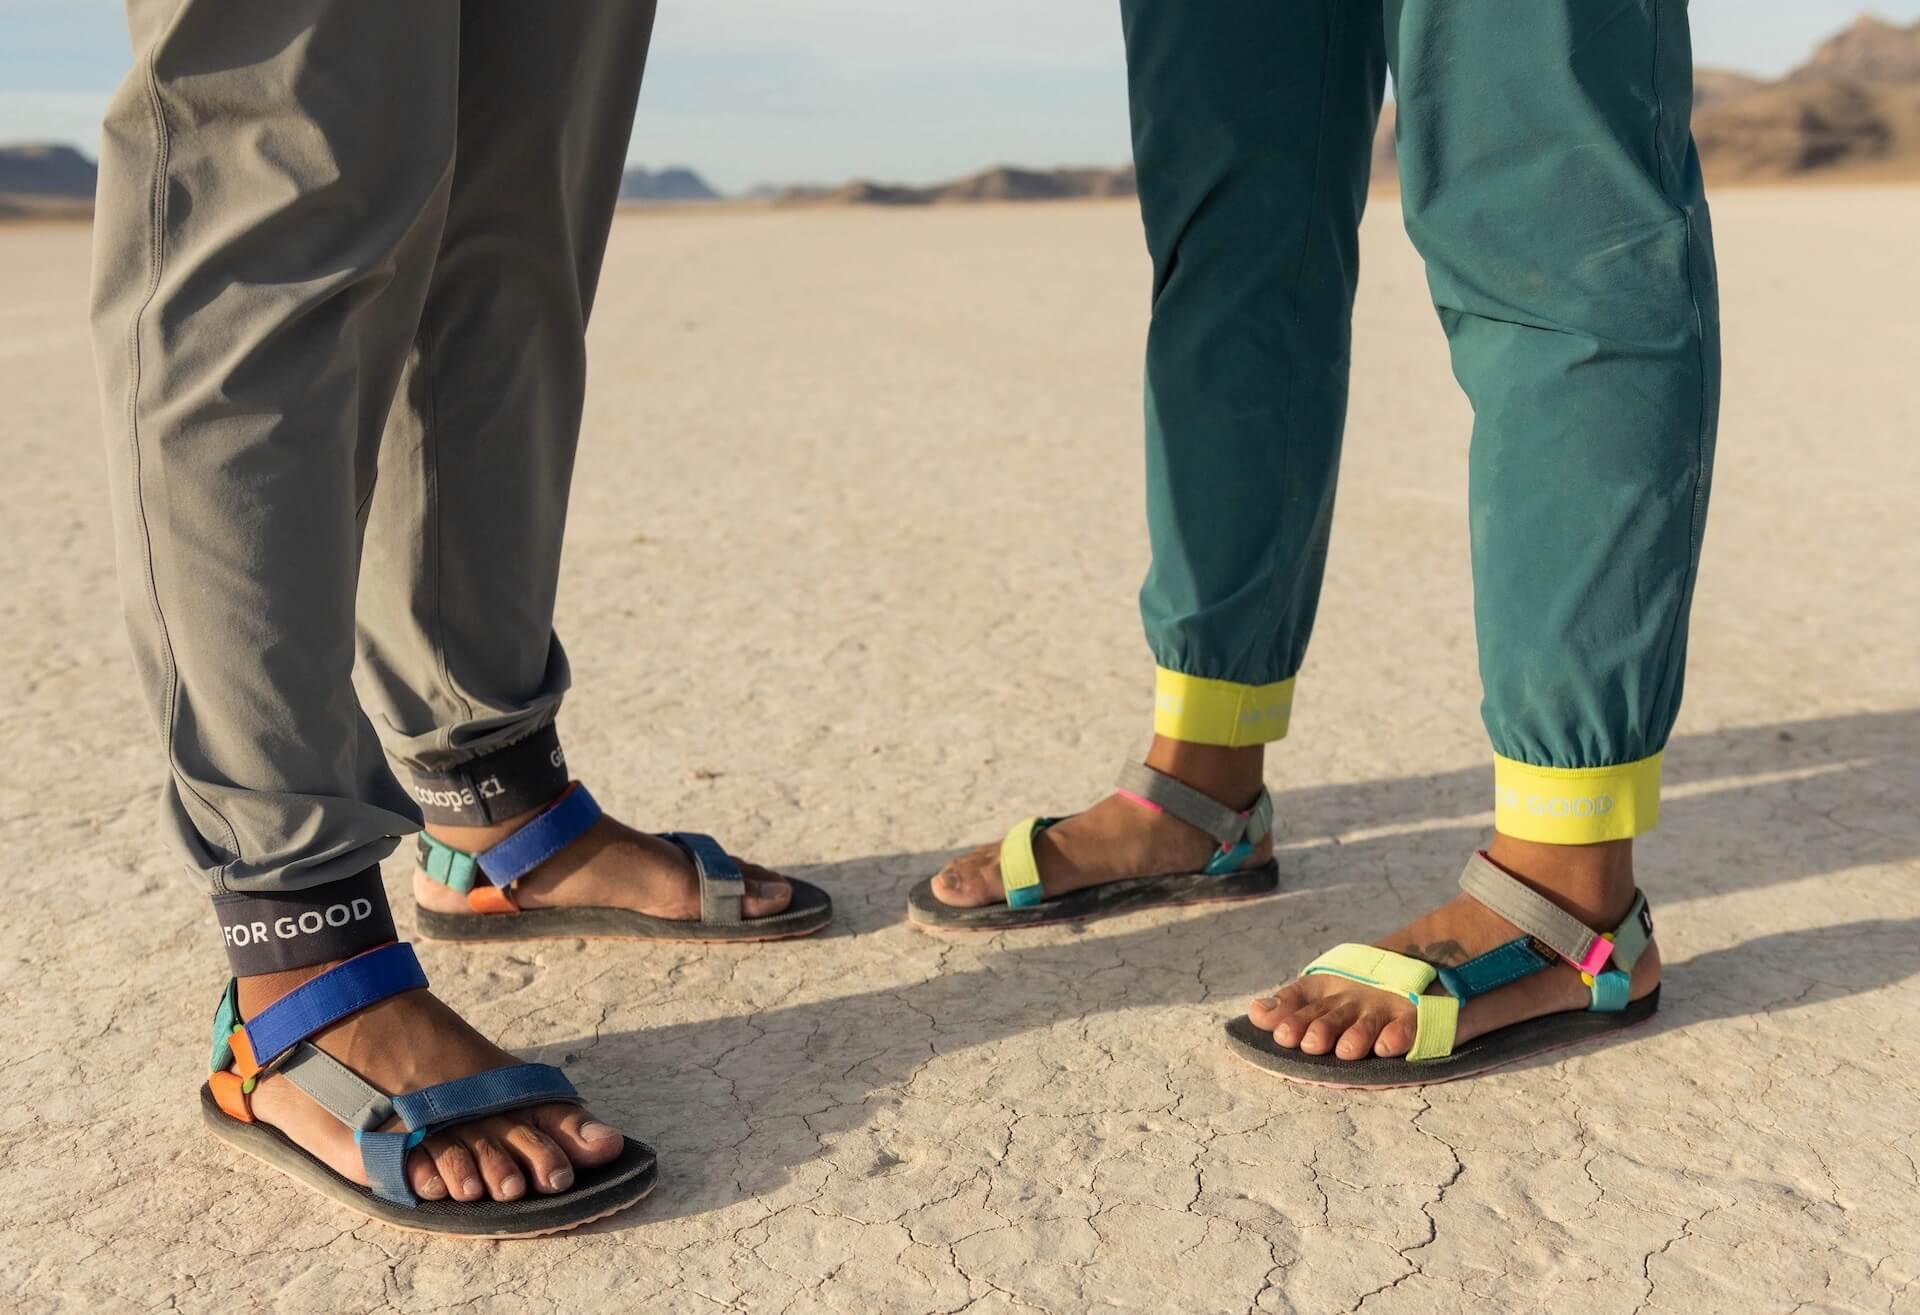 Tevaと米国の次世代アウトドアブランドCotopaxiがコラボ!サステナブルな素材にこだわったサンダルが本日発売 fashion2020729_teva1